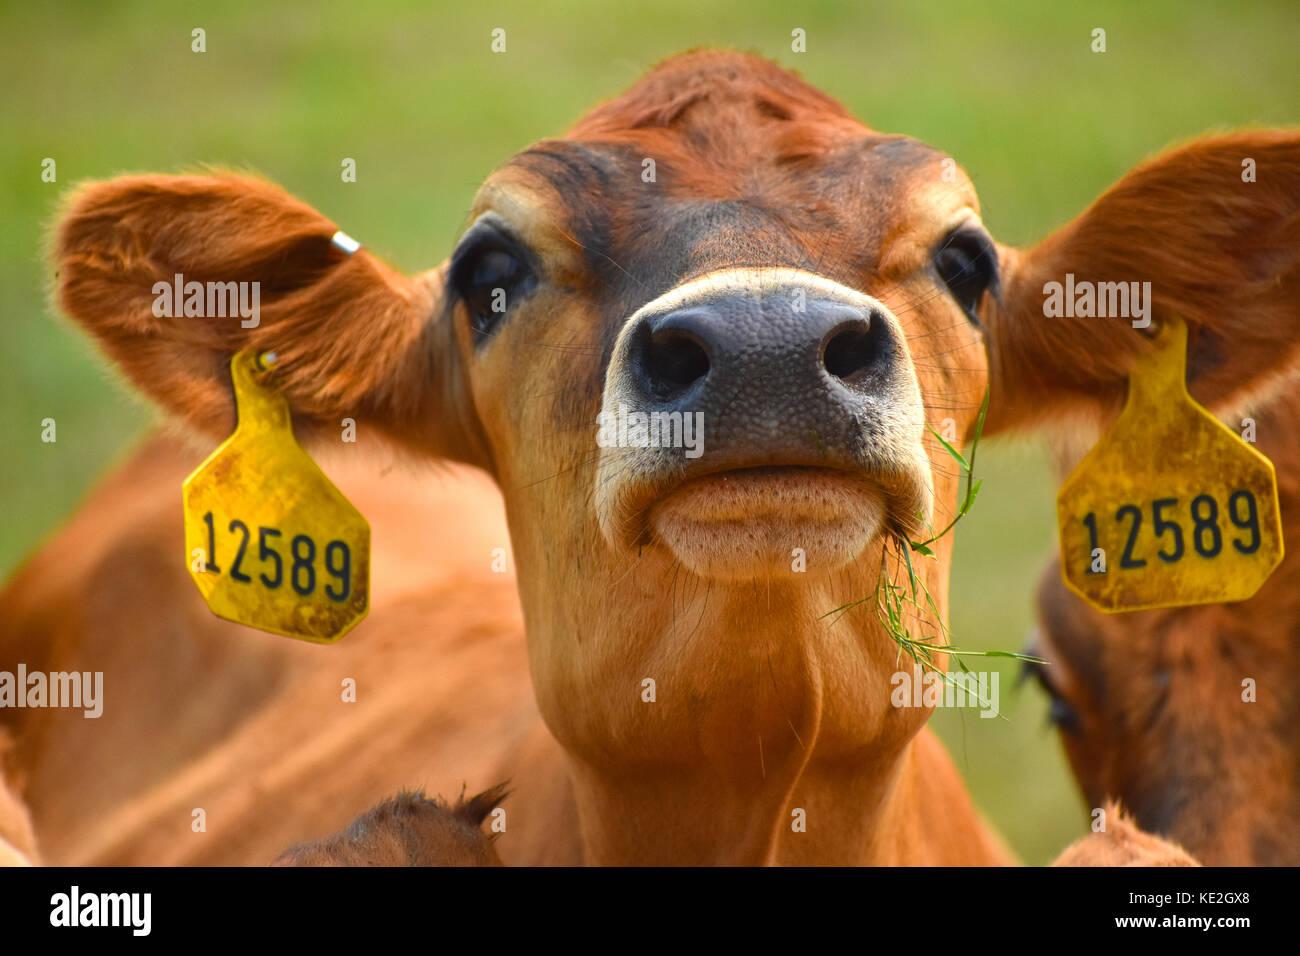 Mucca per viso e testa closeup con tag in le sue orecchie mostrando il suo numero di identificazione Immagini Stock